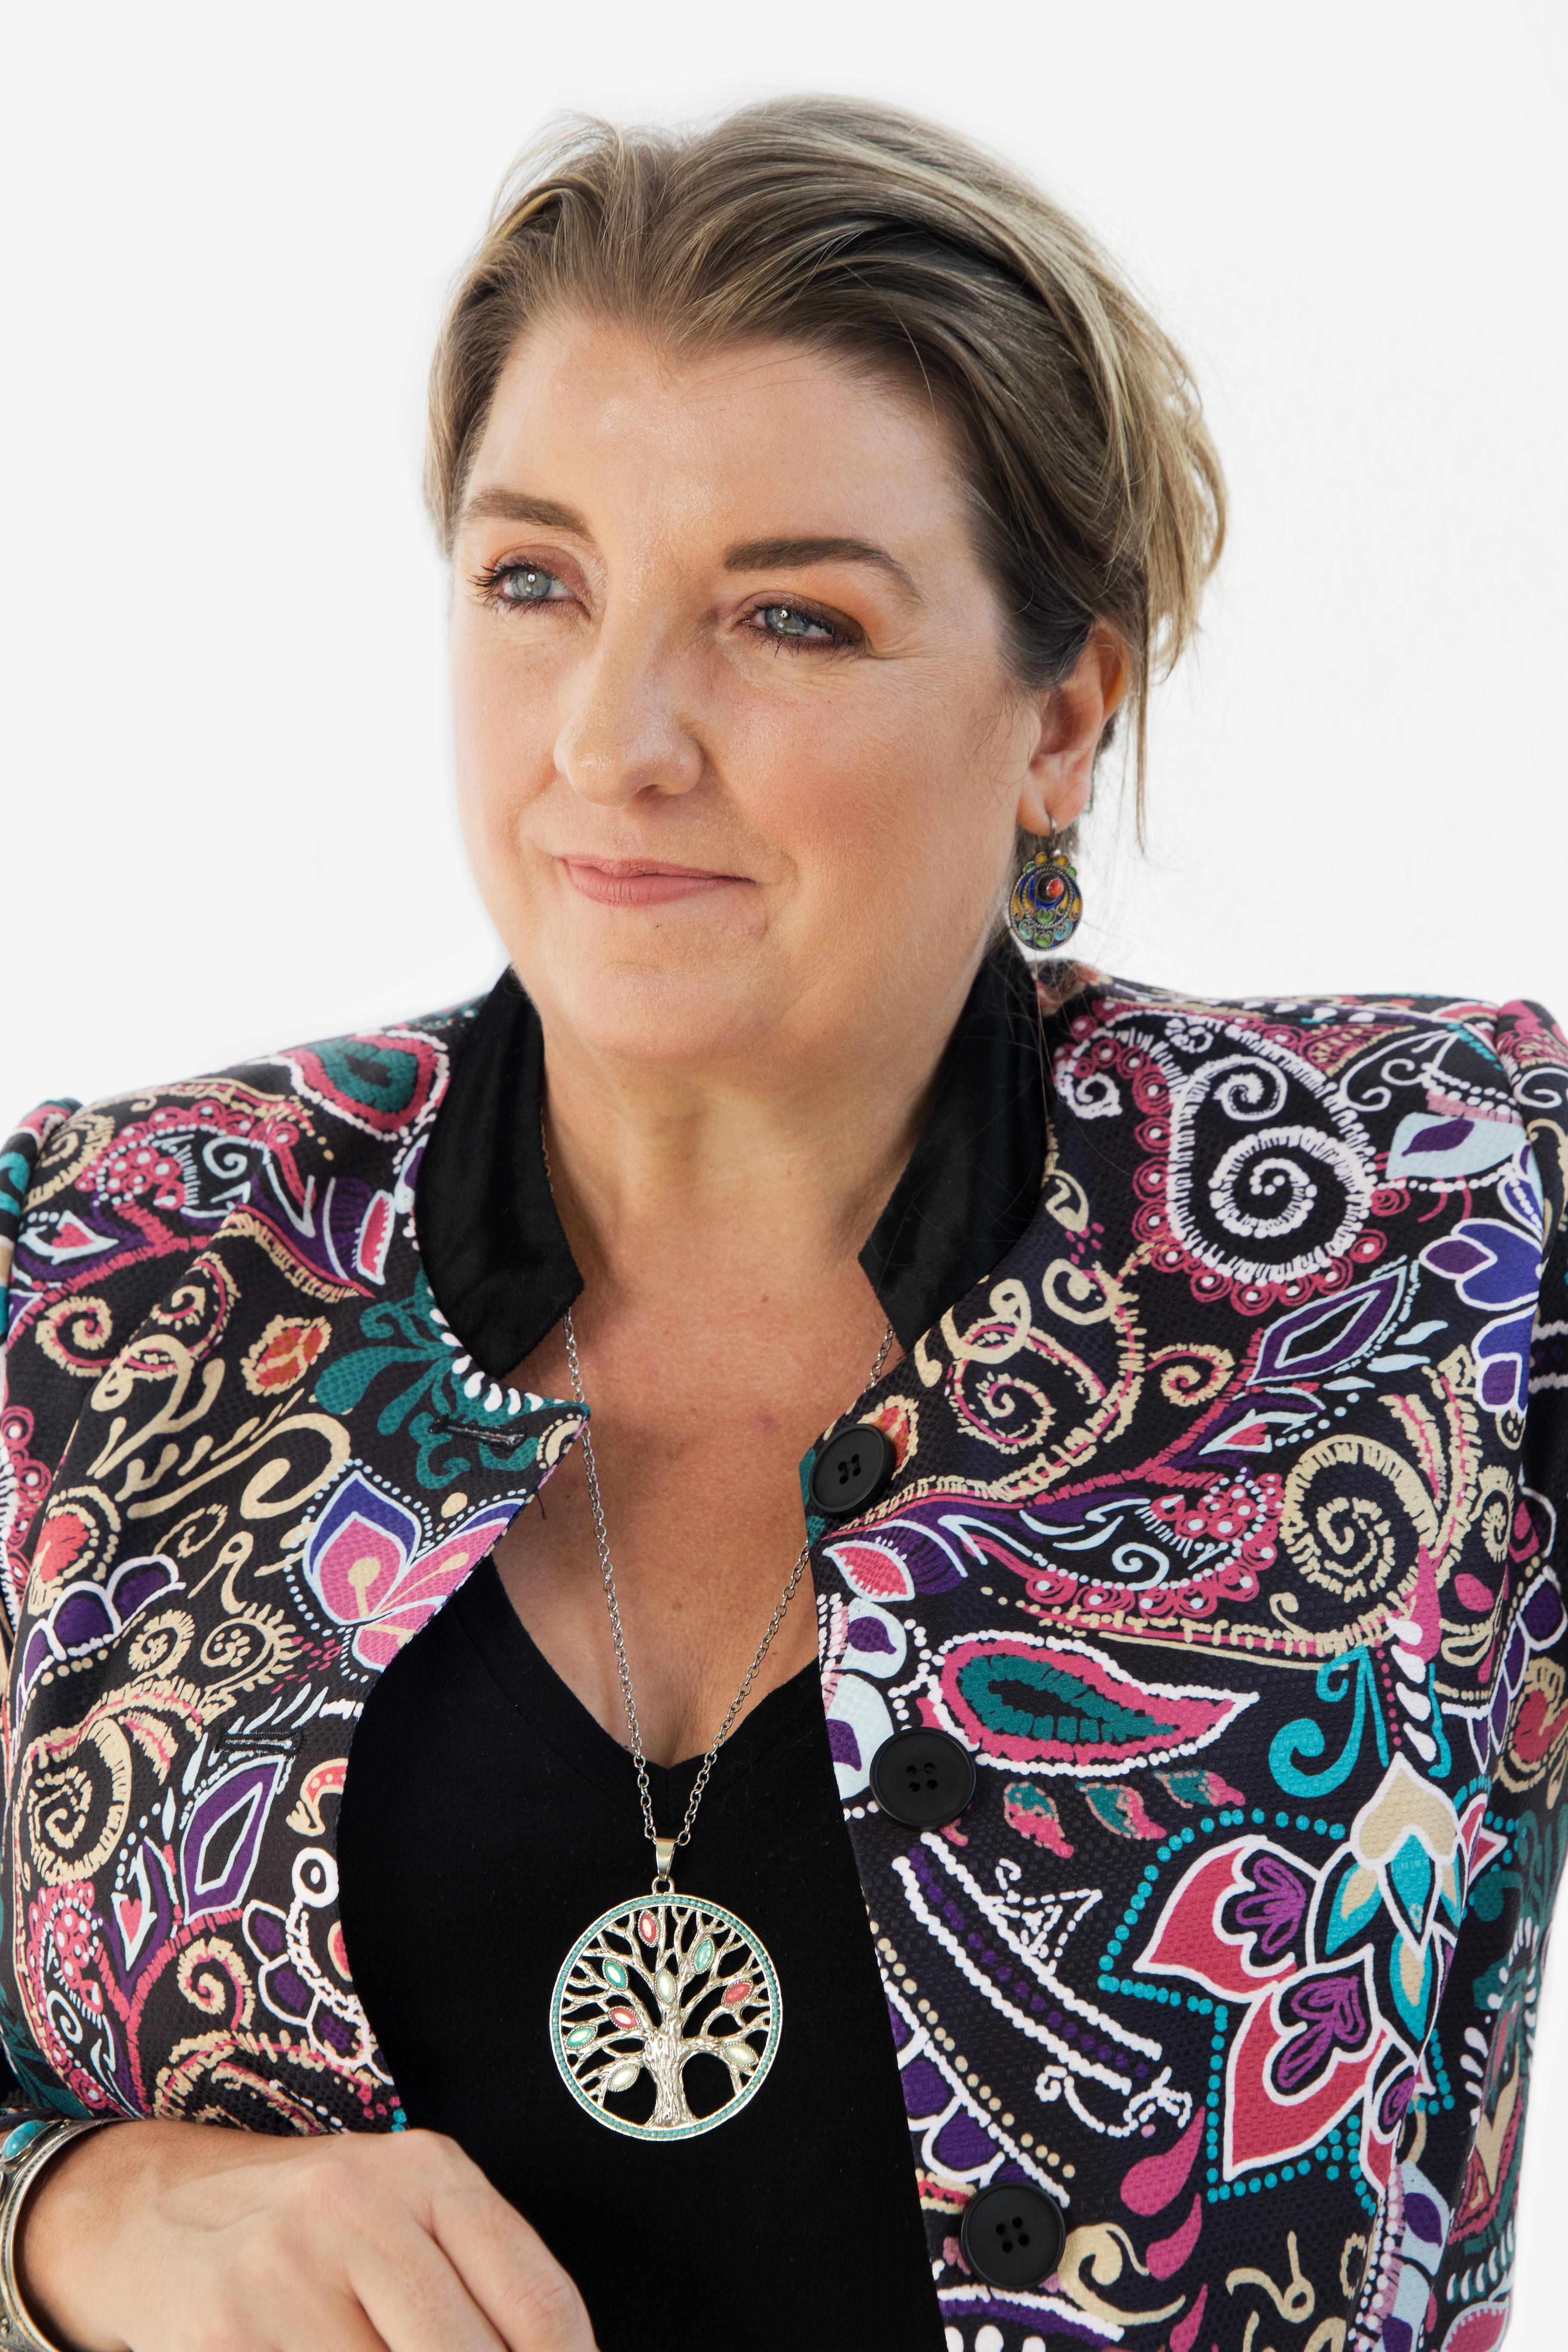 Colleen-Joy CEO InnerLifeSkills